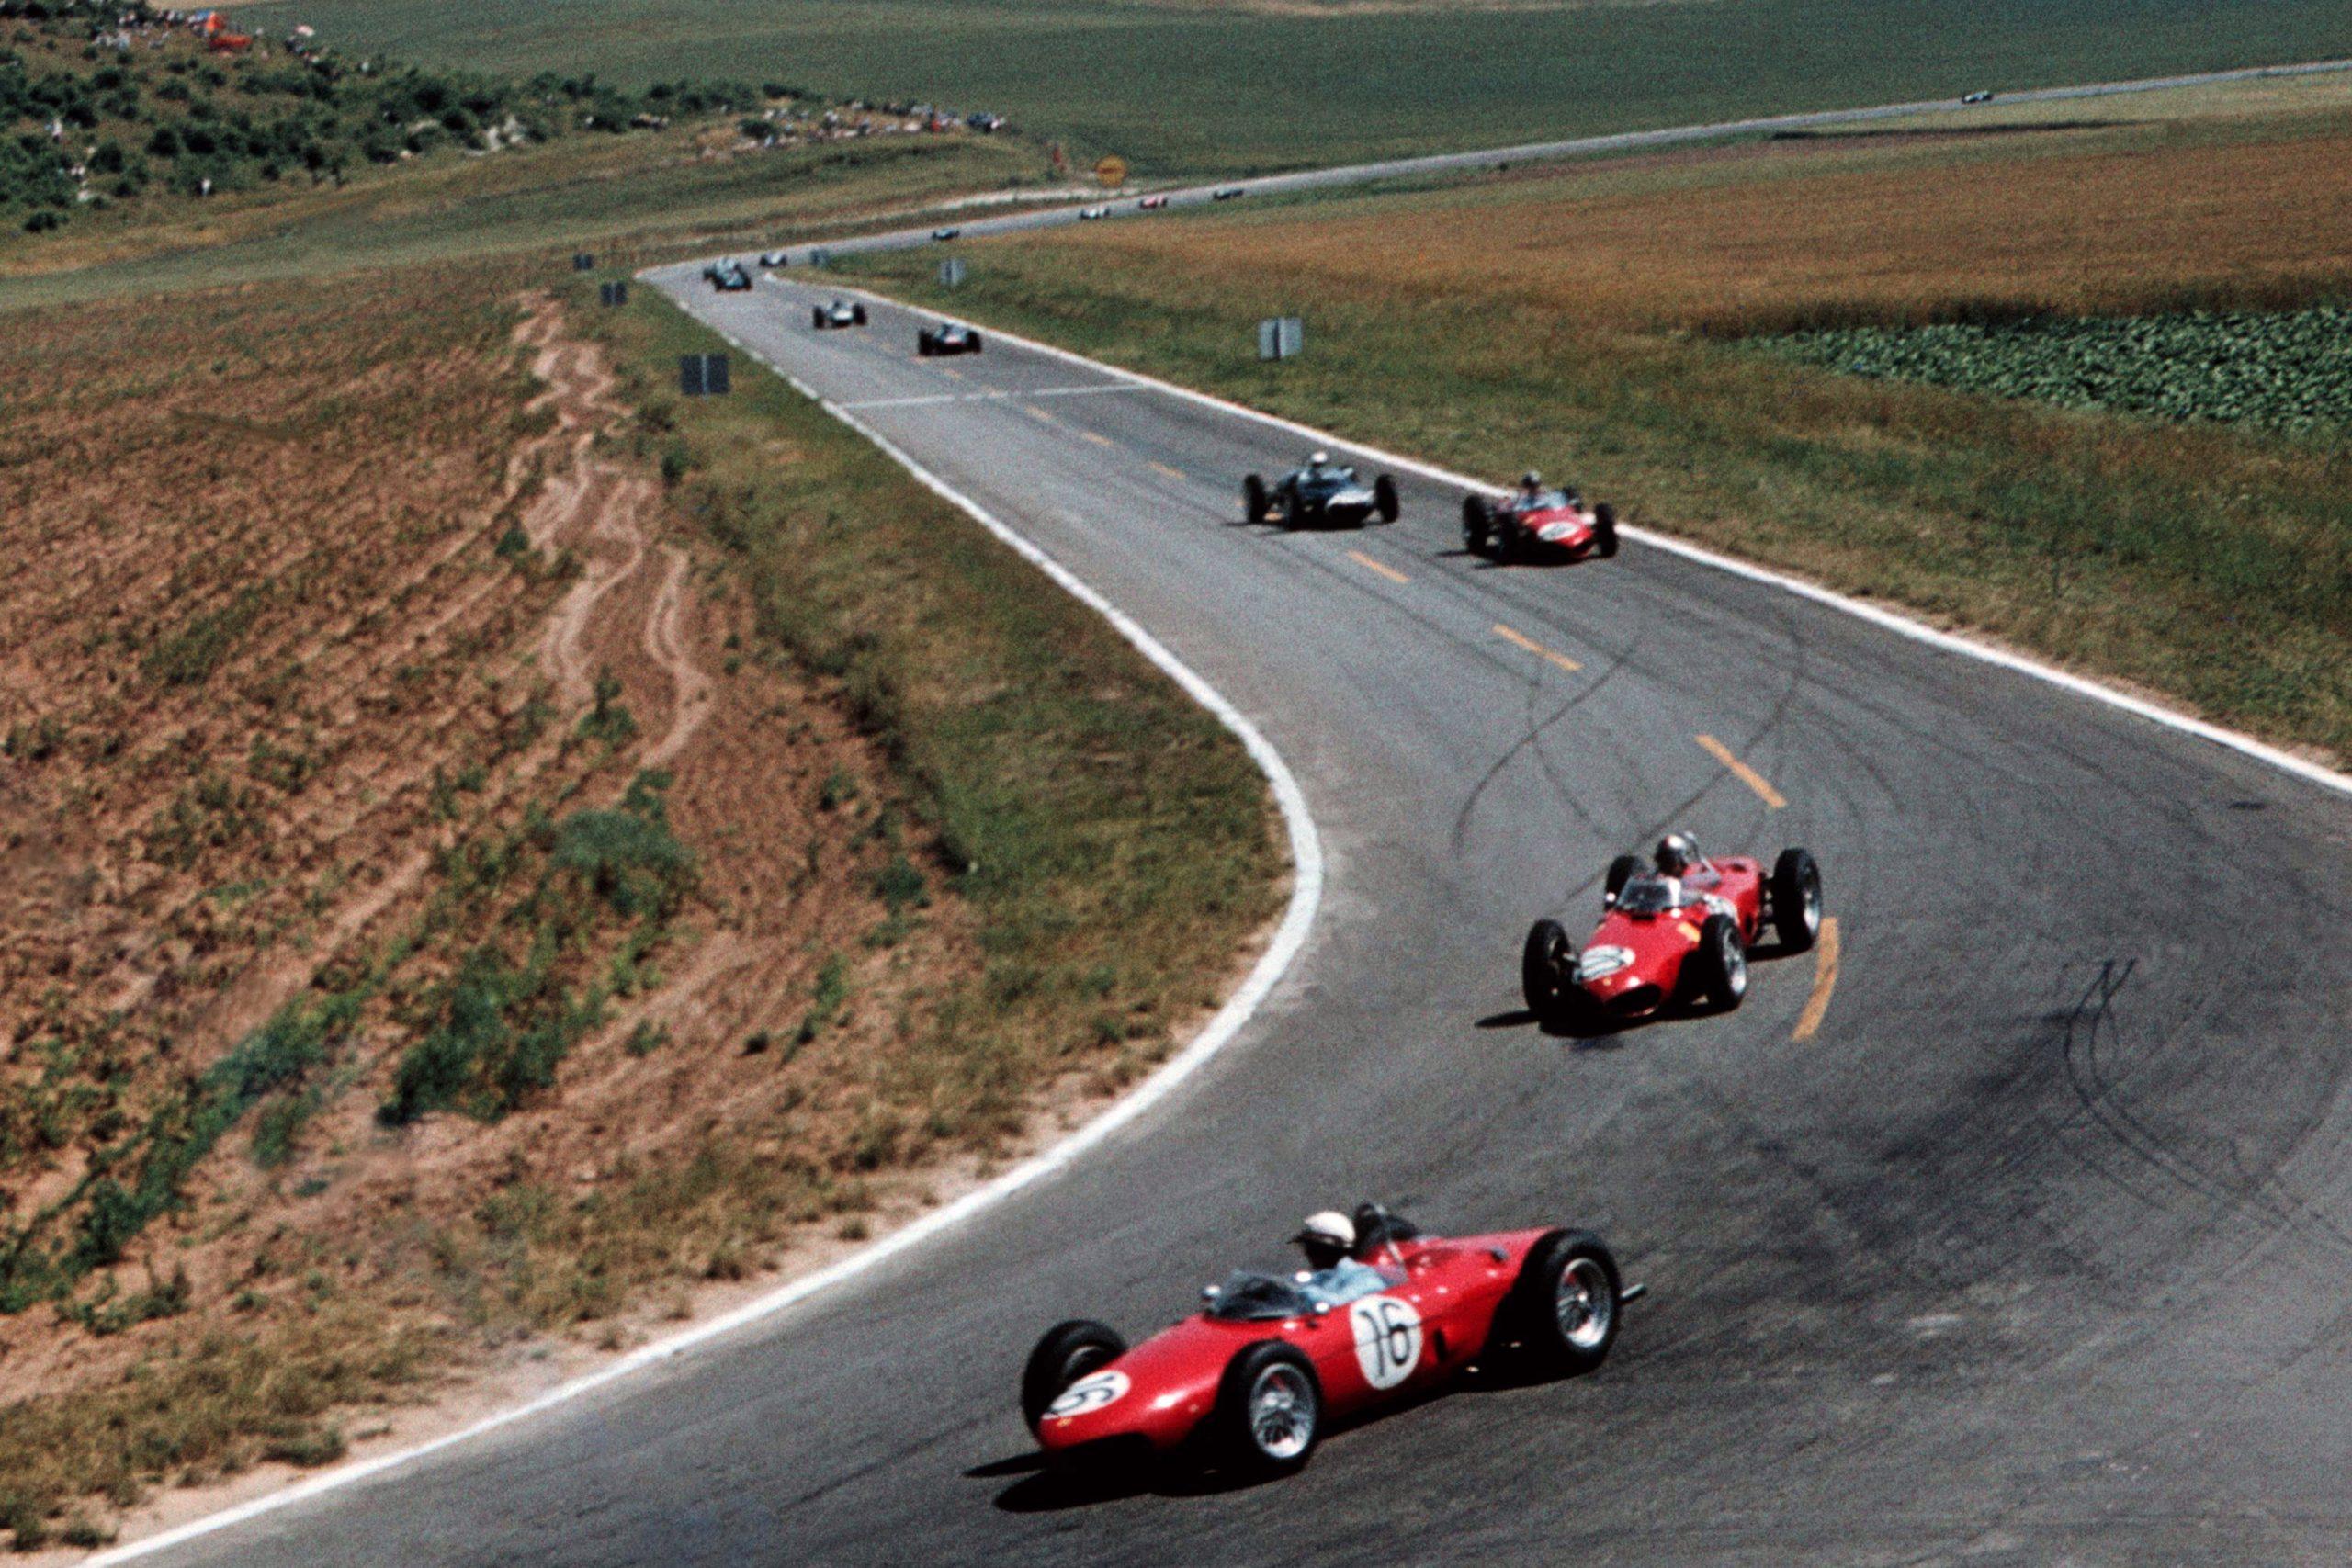 Phil Hill leads team mate Wolfgang von Trips in their Ferrari 156s.